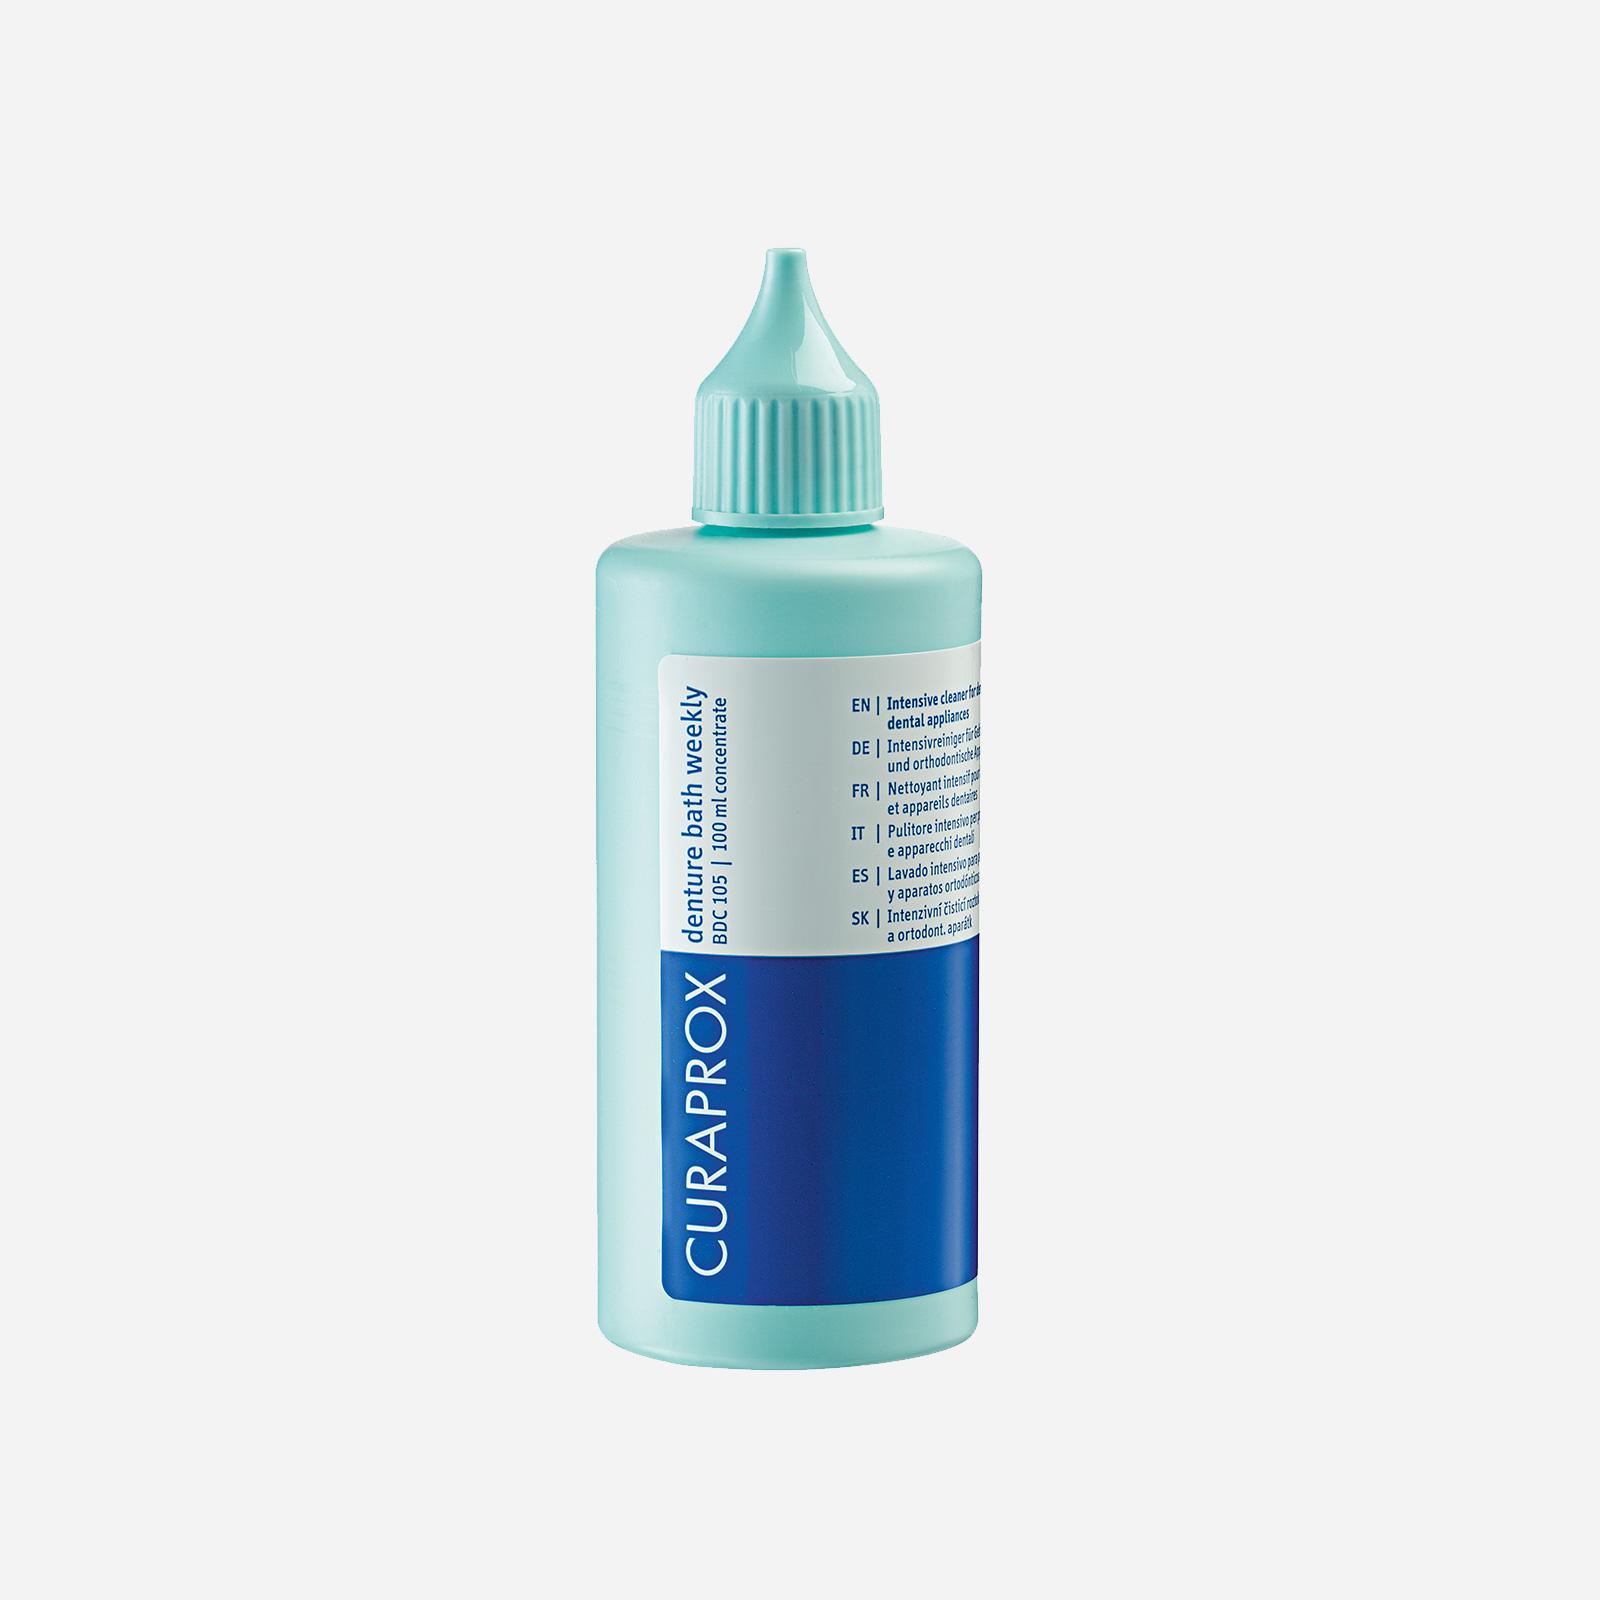 Жидкость для еженедельного ухода за зубными протезами